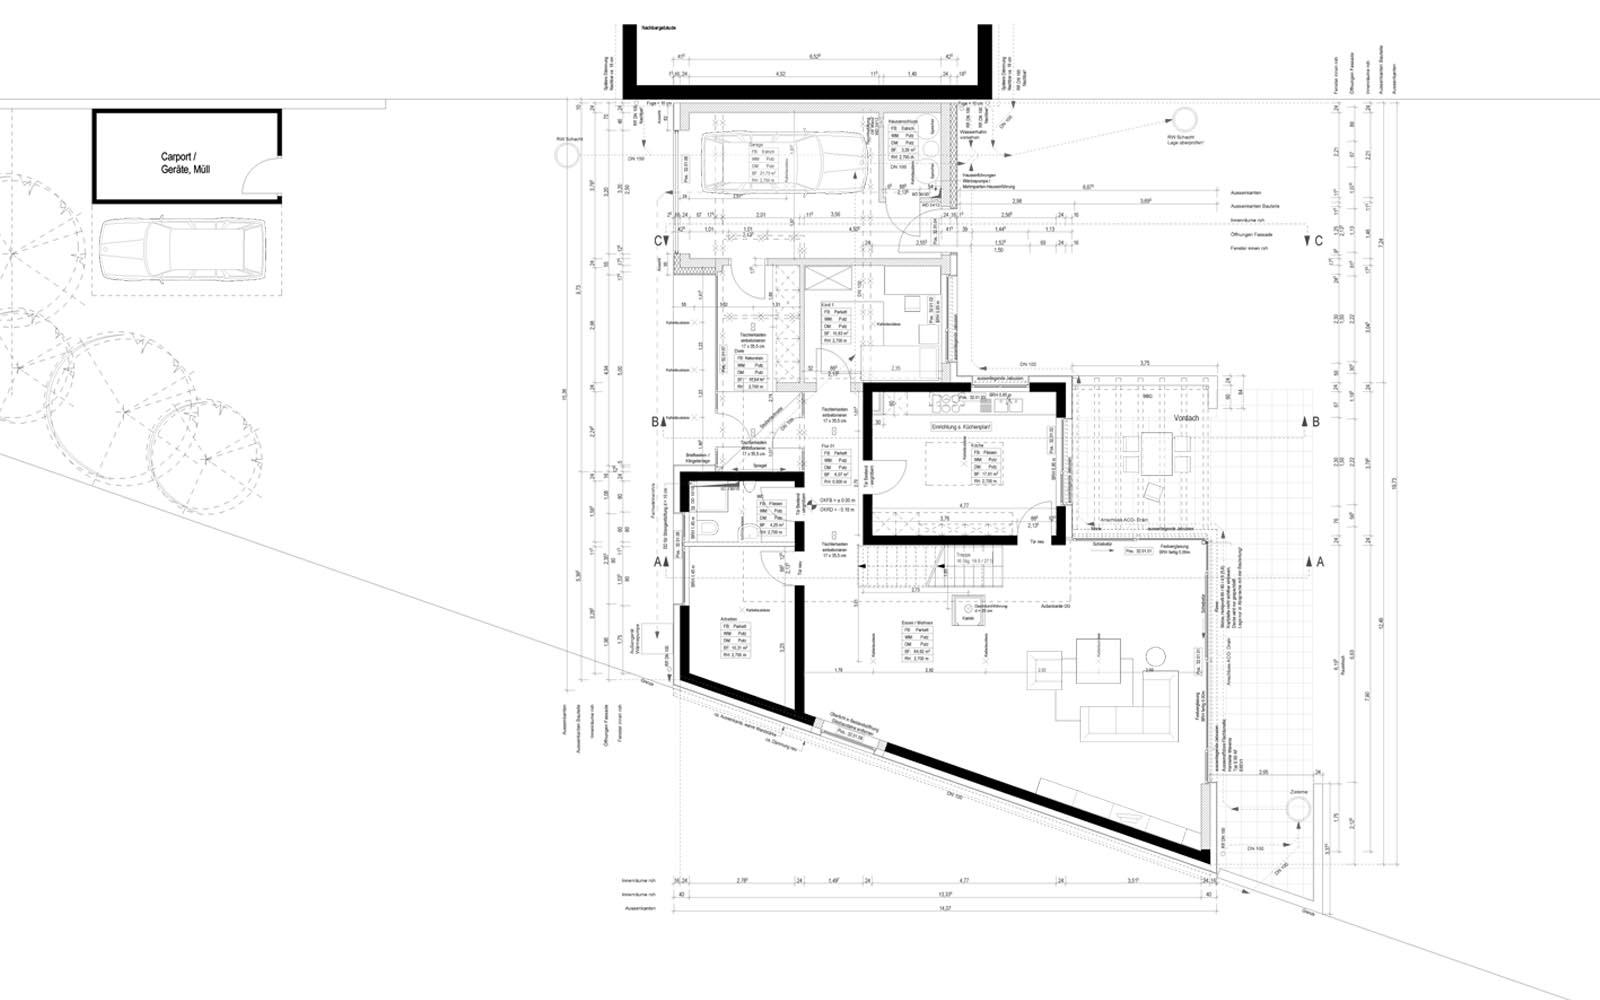 Einfamilienhaus_Koeln_Umbau_Aufstockung_Holzbau_Grundriss_Steinweg_Claus_Architekten